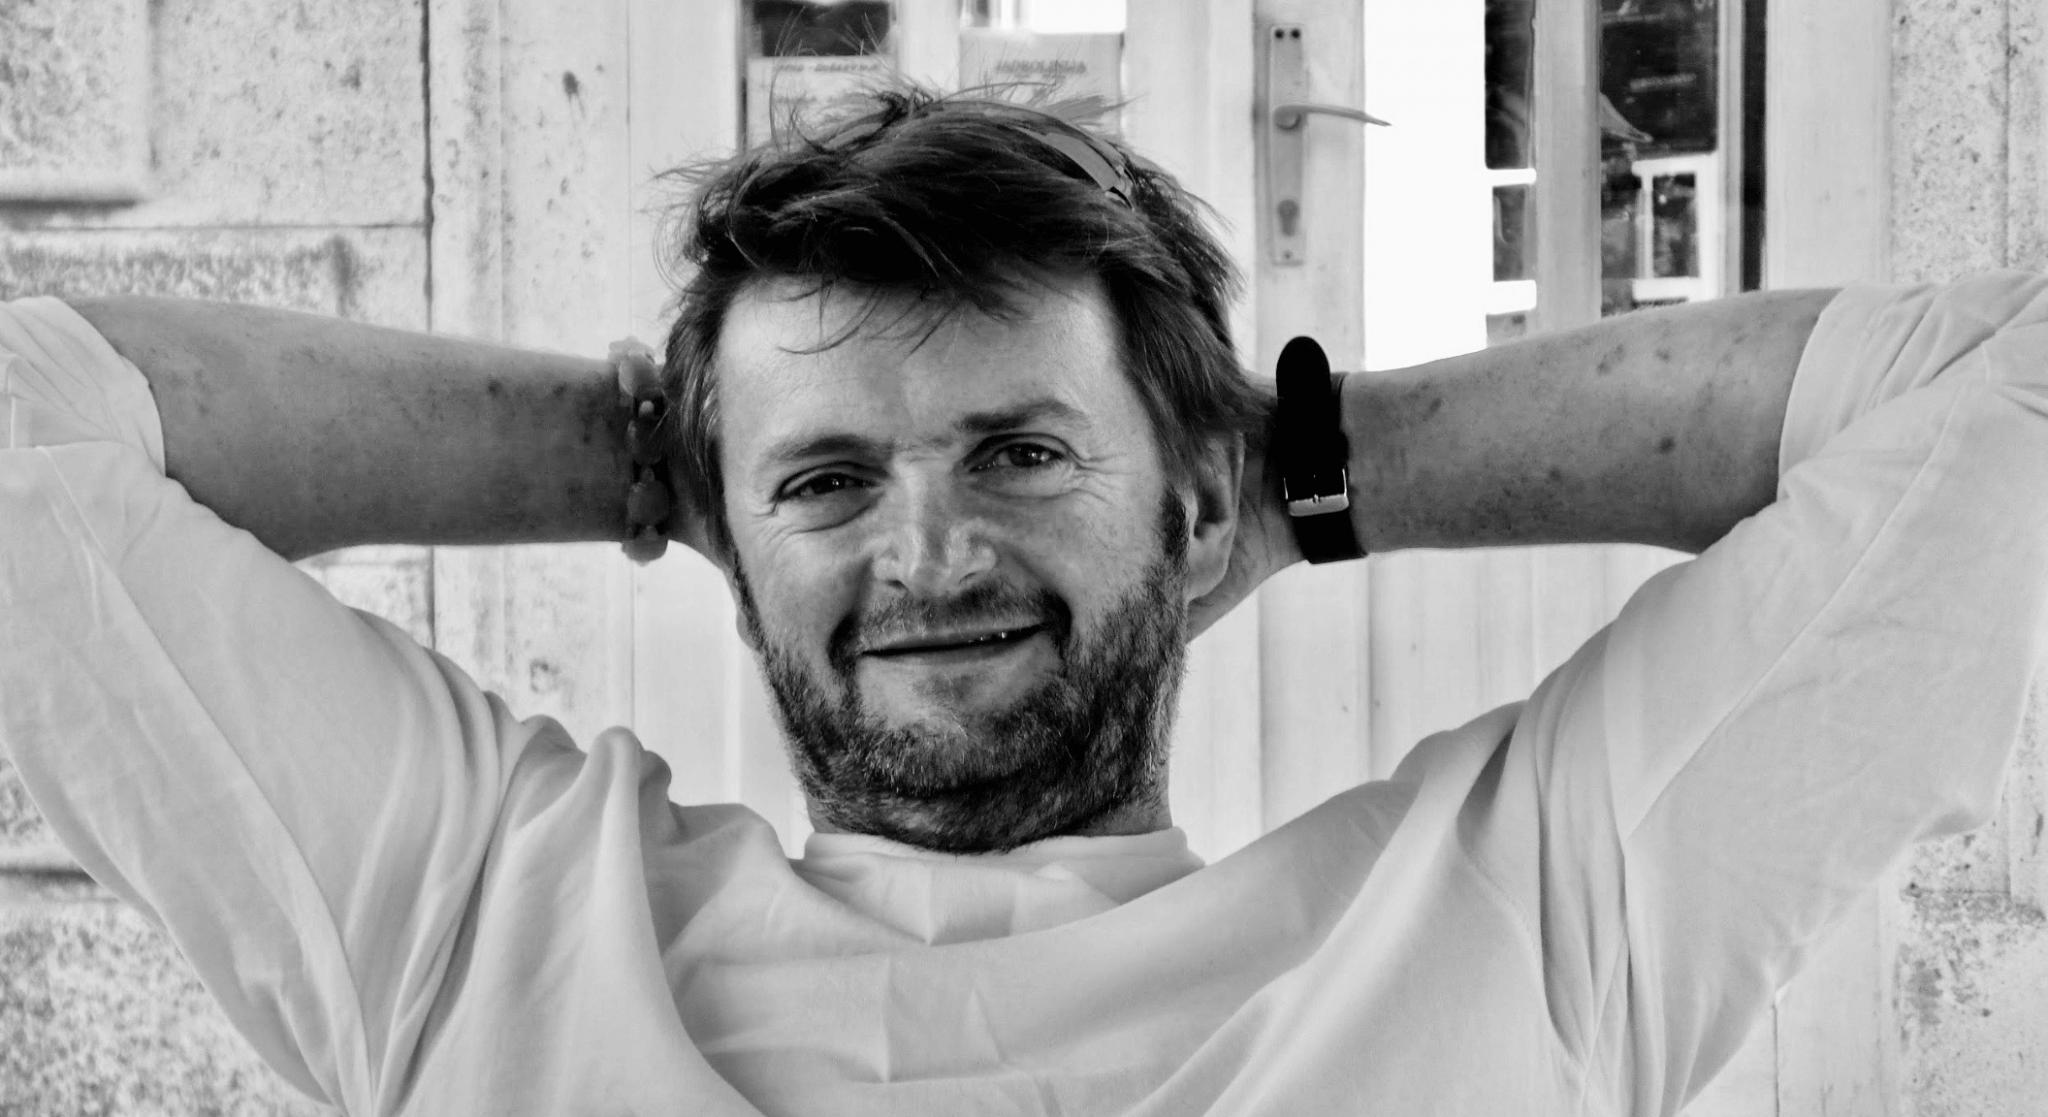 Mark Milsome death inquest opens next week